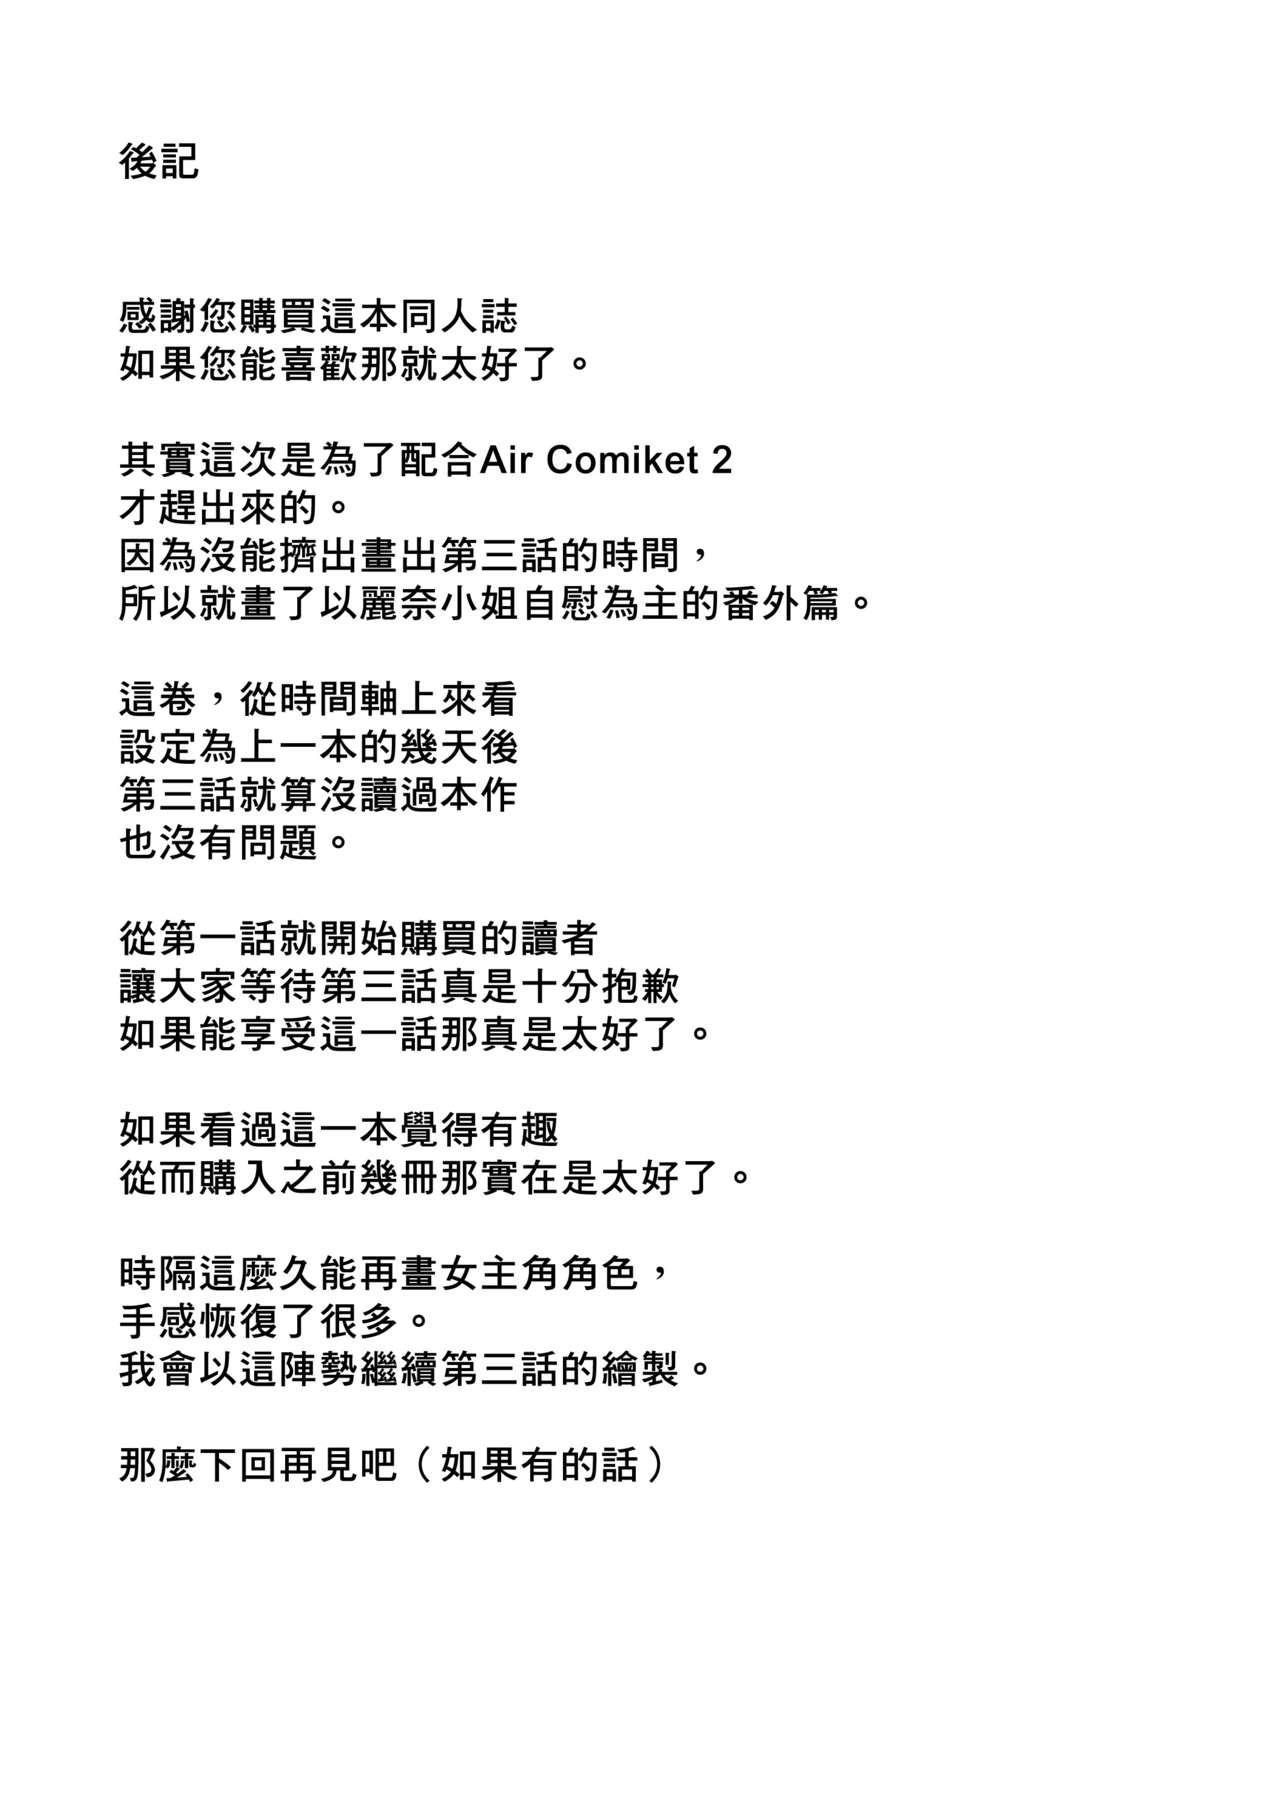 Arawareta Chijo wa Toshishita Kui no Scatolo Hentai deshita Bangaihen Mousou Onanie 20